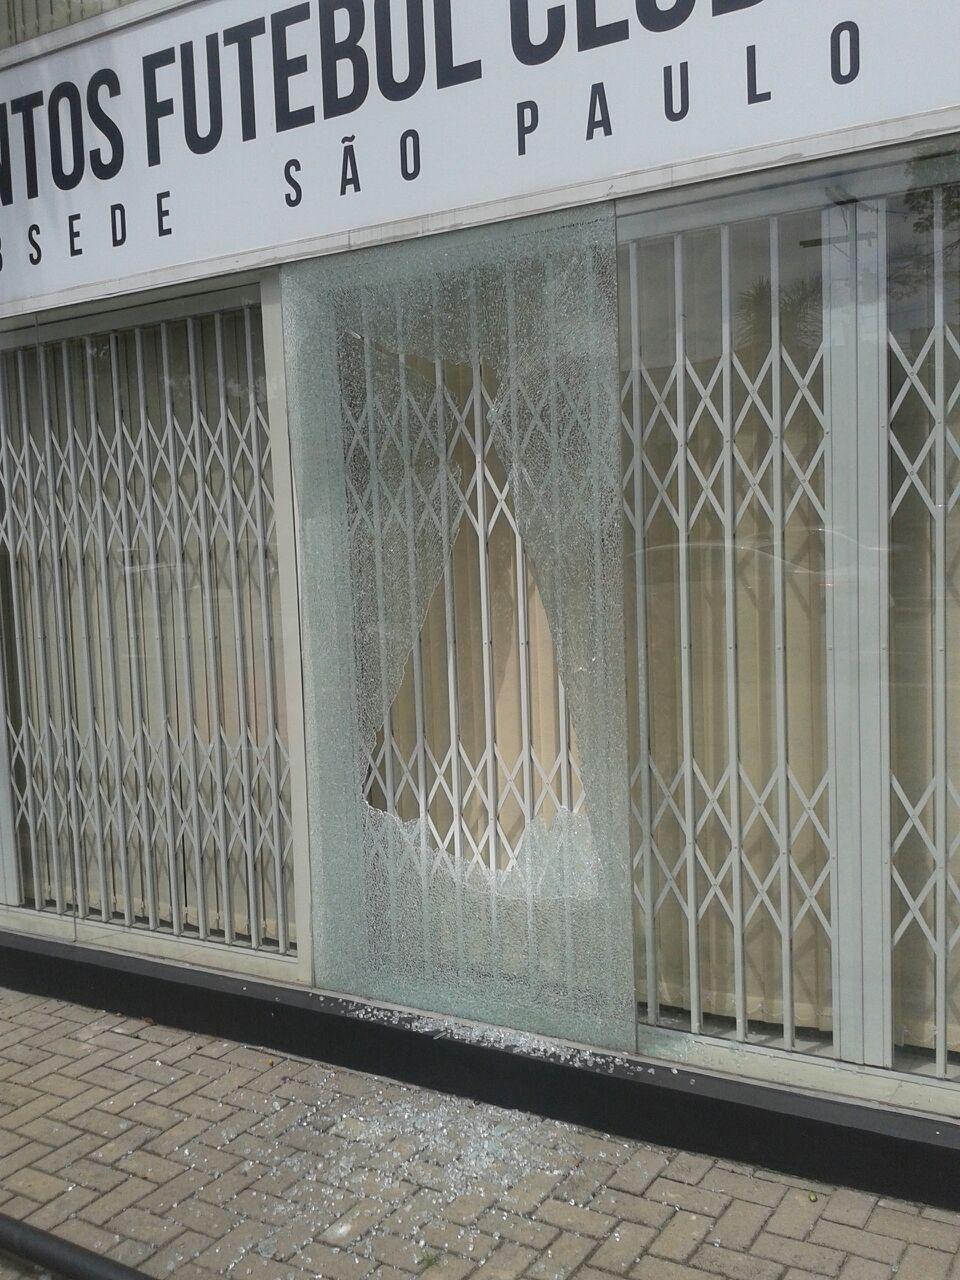 Sub-sede Santos - SP